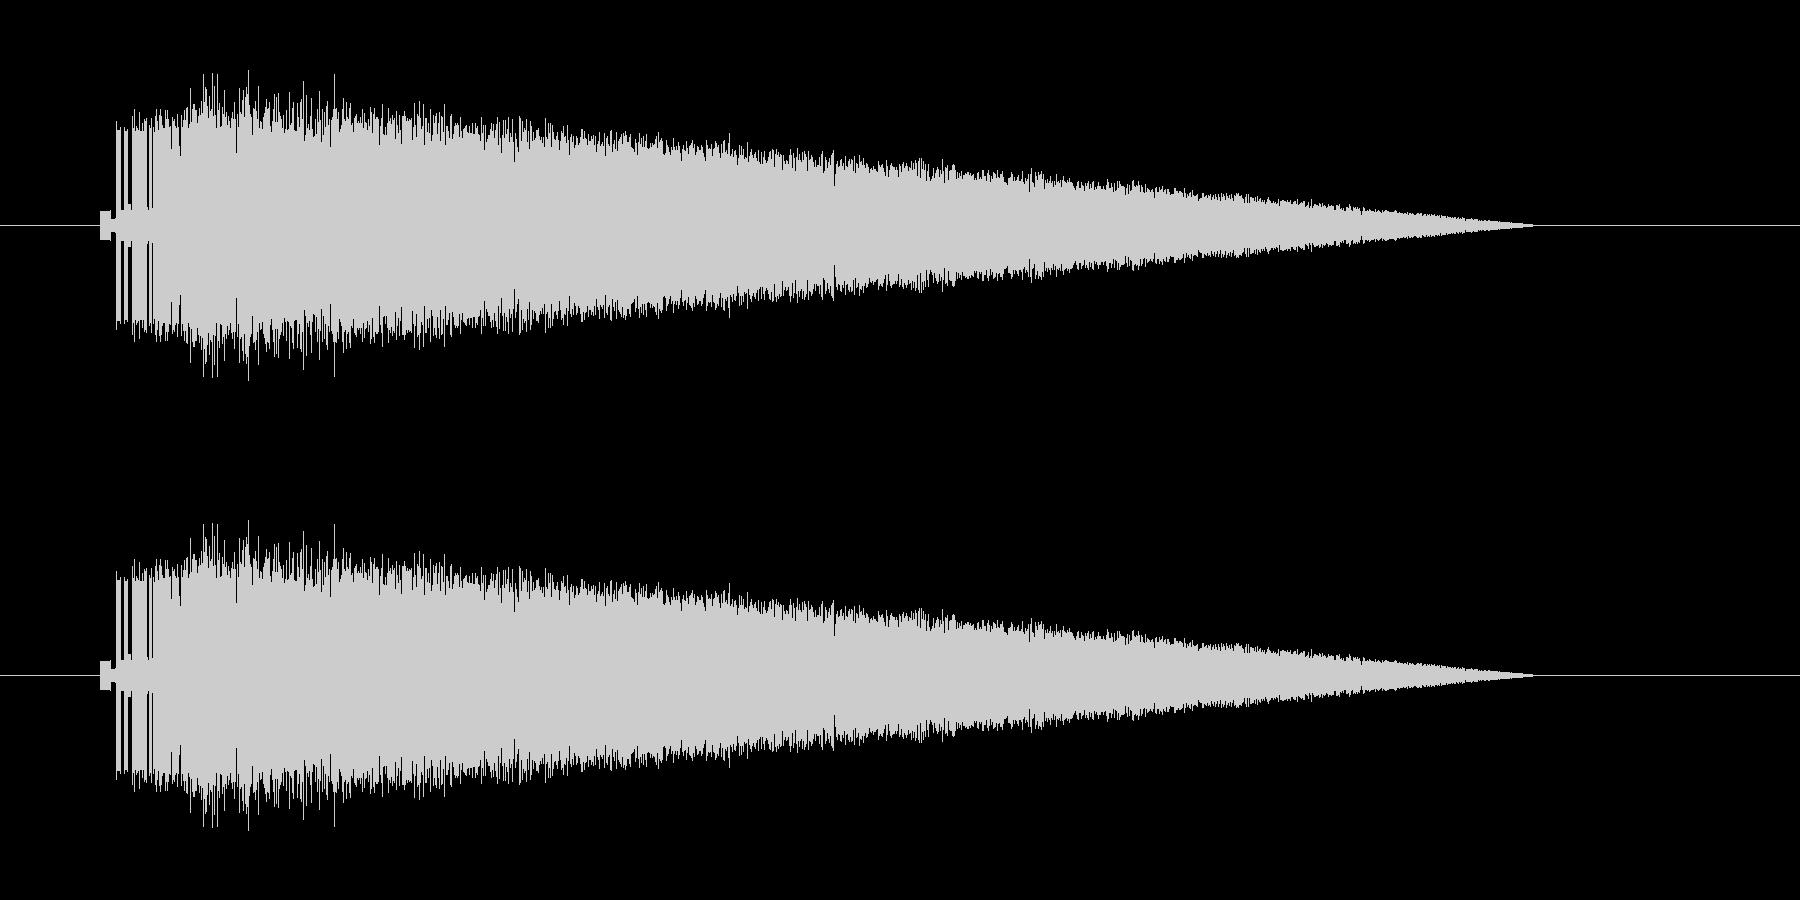 レトロゲーム風魔法雷系1の未再生の波形